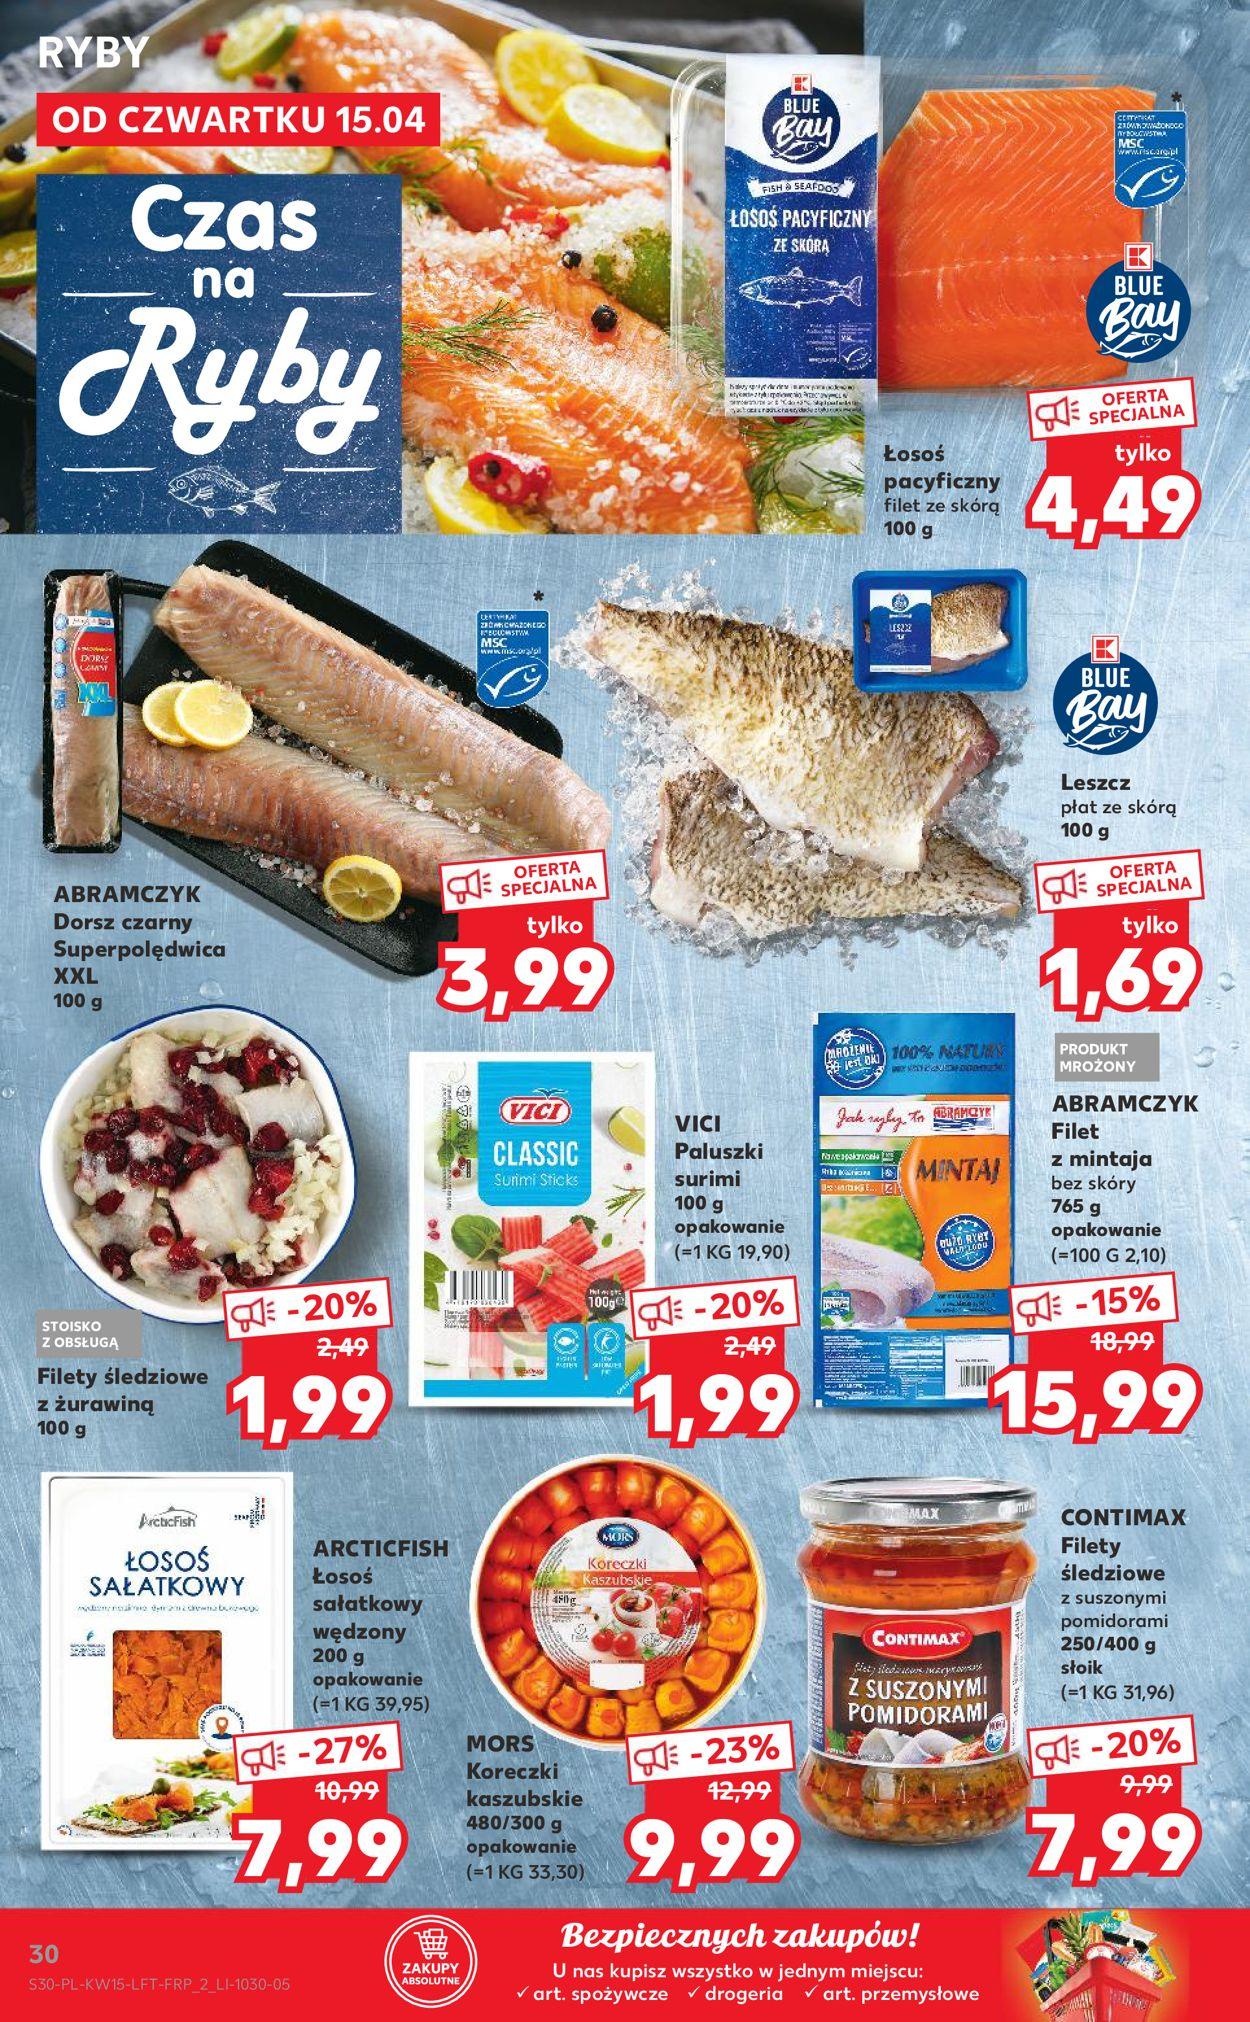 Gazetka promocyjna Kaufland - 15.04-21.04.2021 (Strona 30)